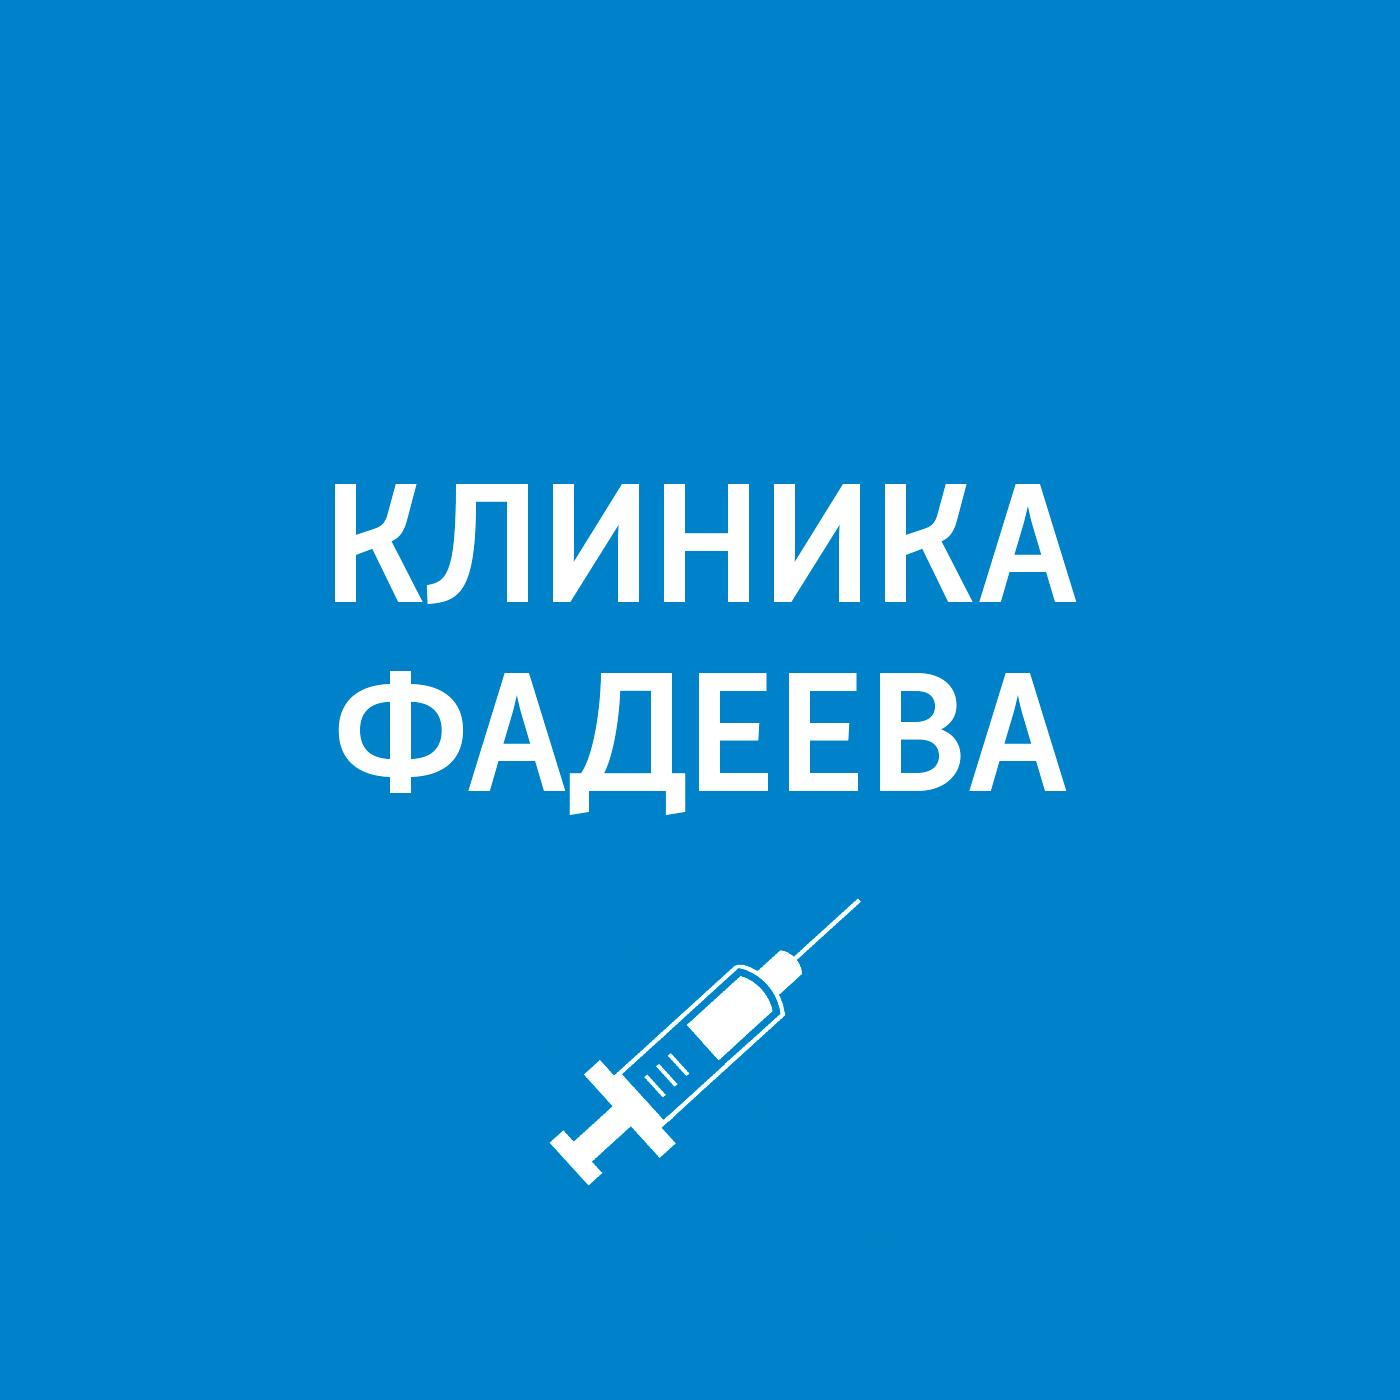 Пётр Фадеев Ветеринар-герпетолог пётр фадеев ветеринар герпетолог